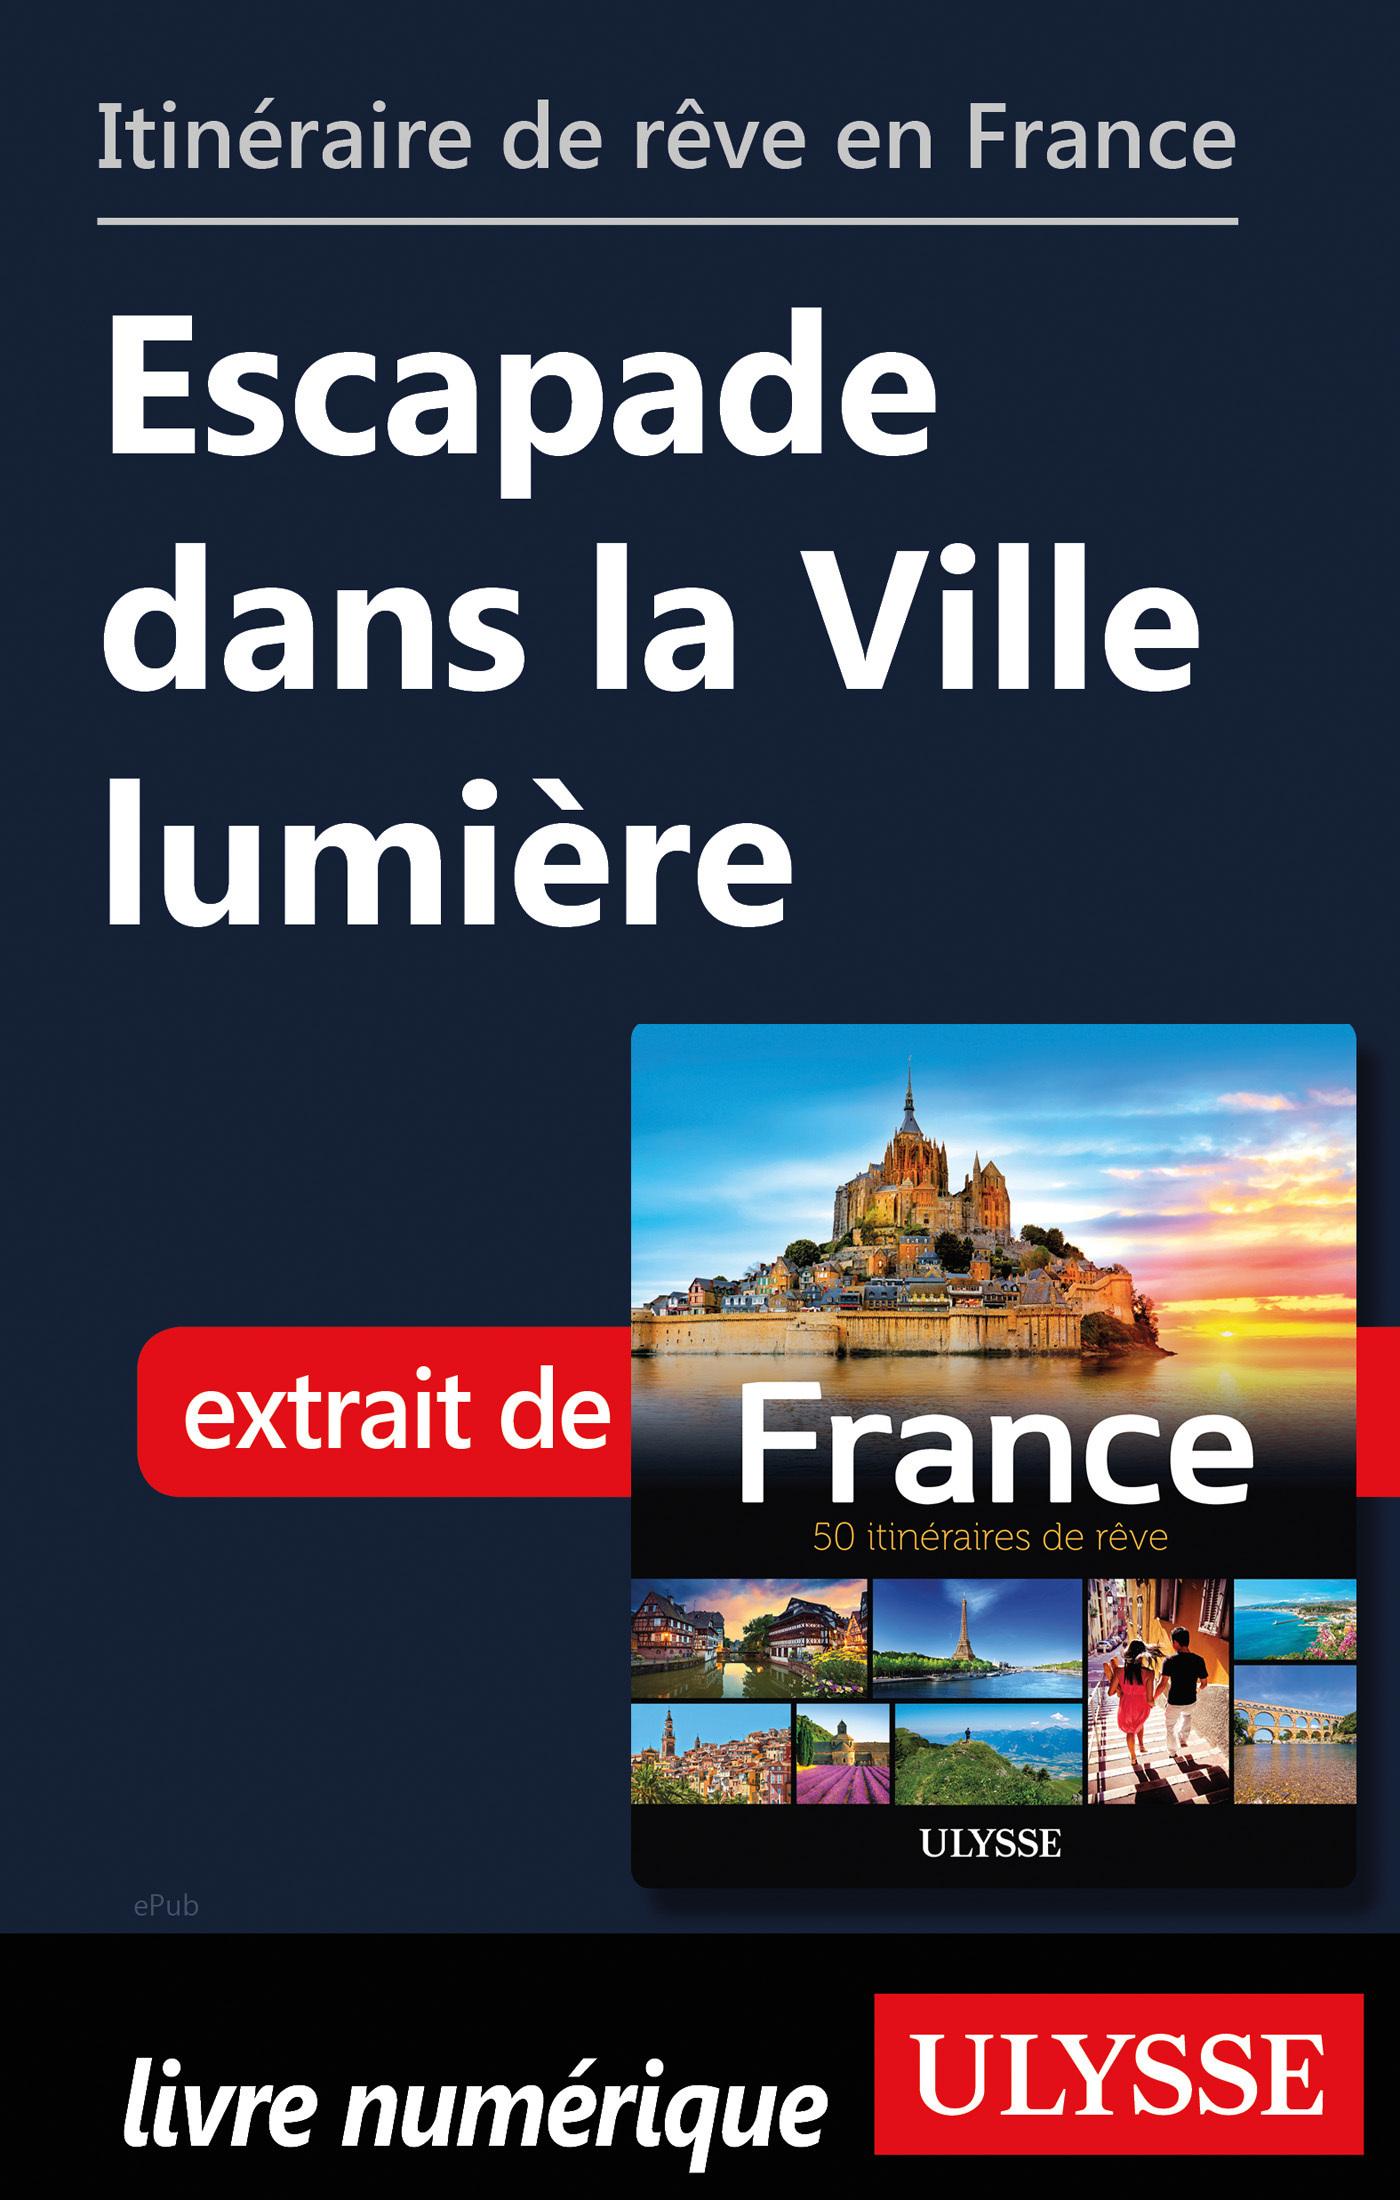 Itinéraire de rêve en France - Escapade dans la Ville lumière